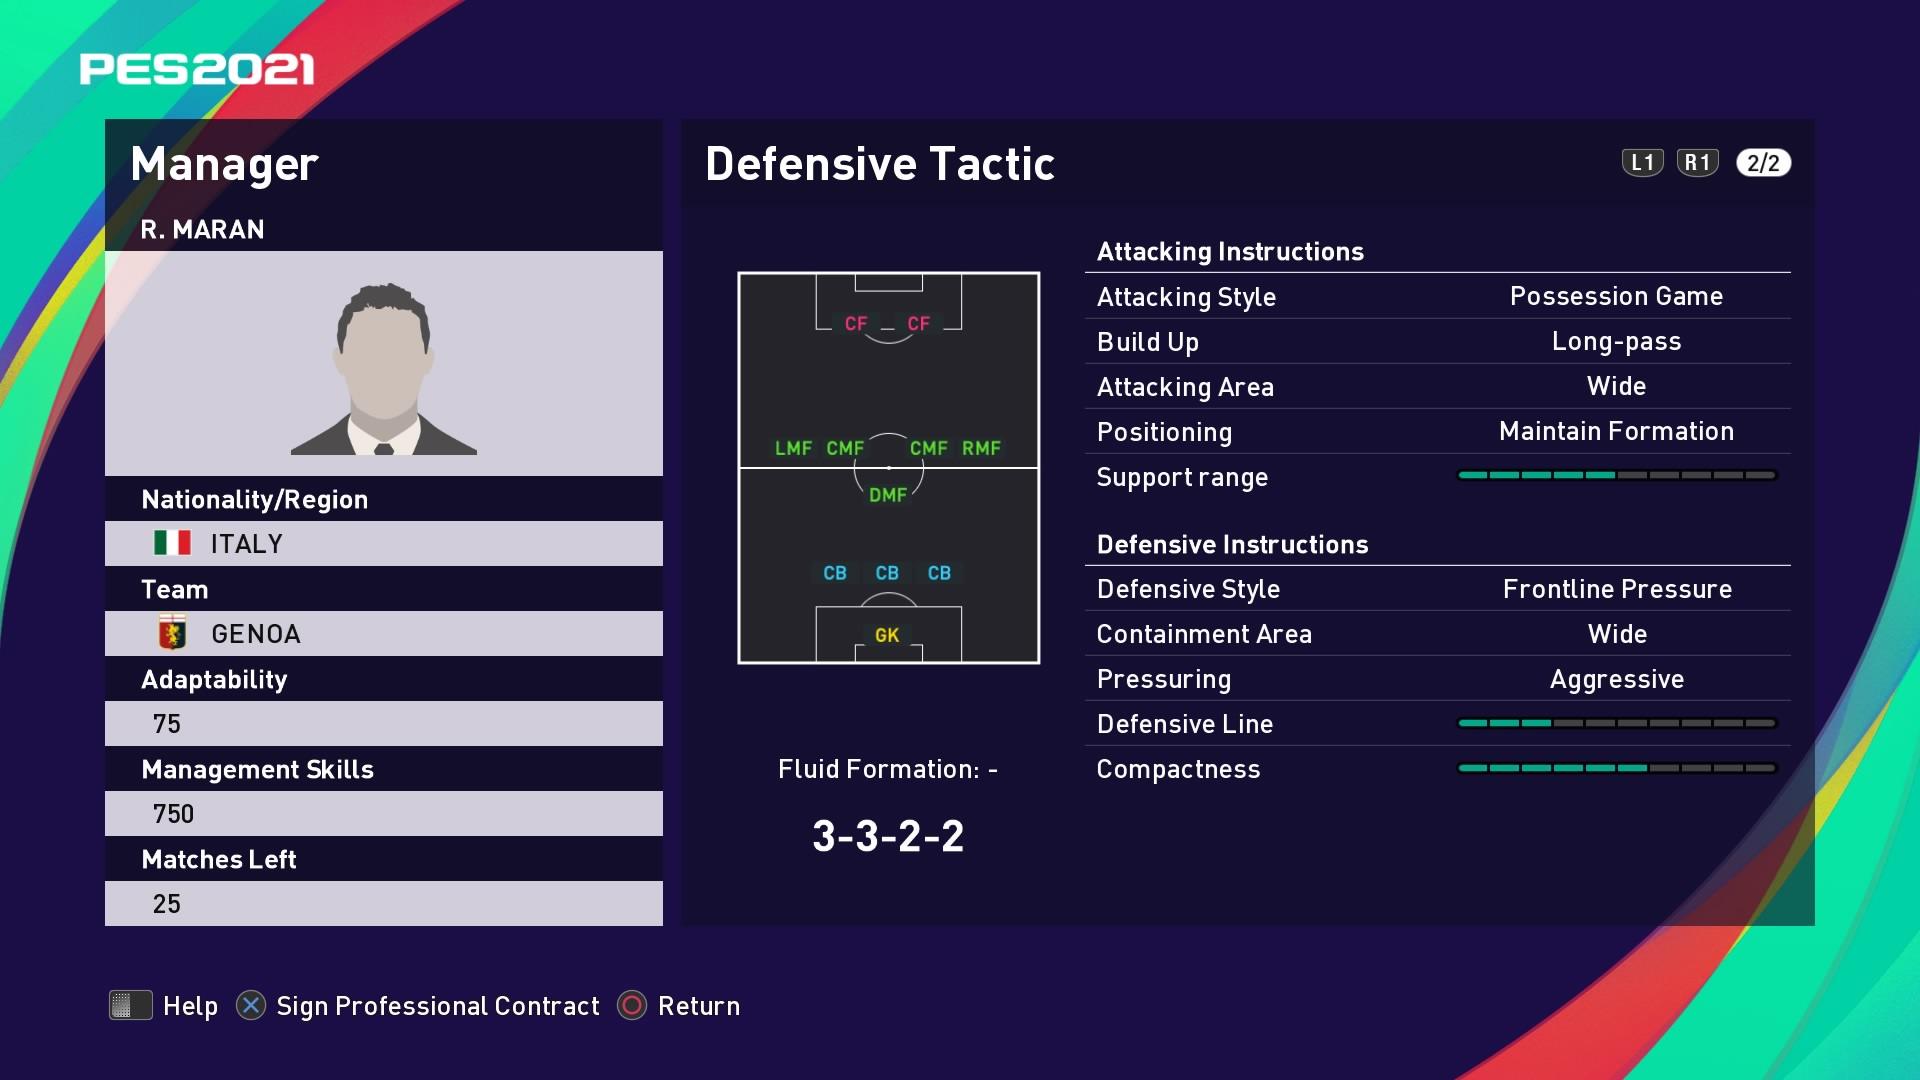 R. Maran (Rolando Maran) Defensive Tactic in PES 2021 myClub